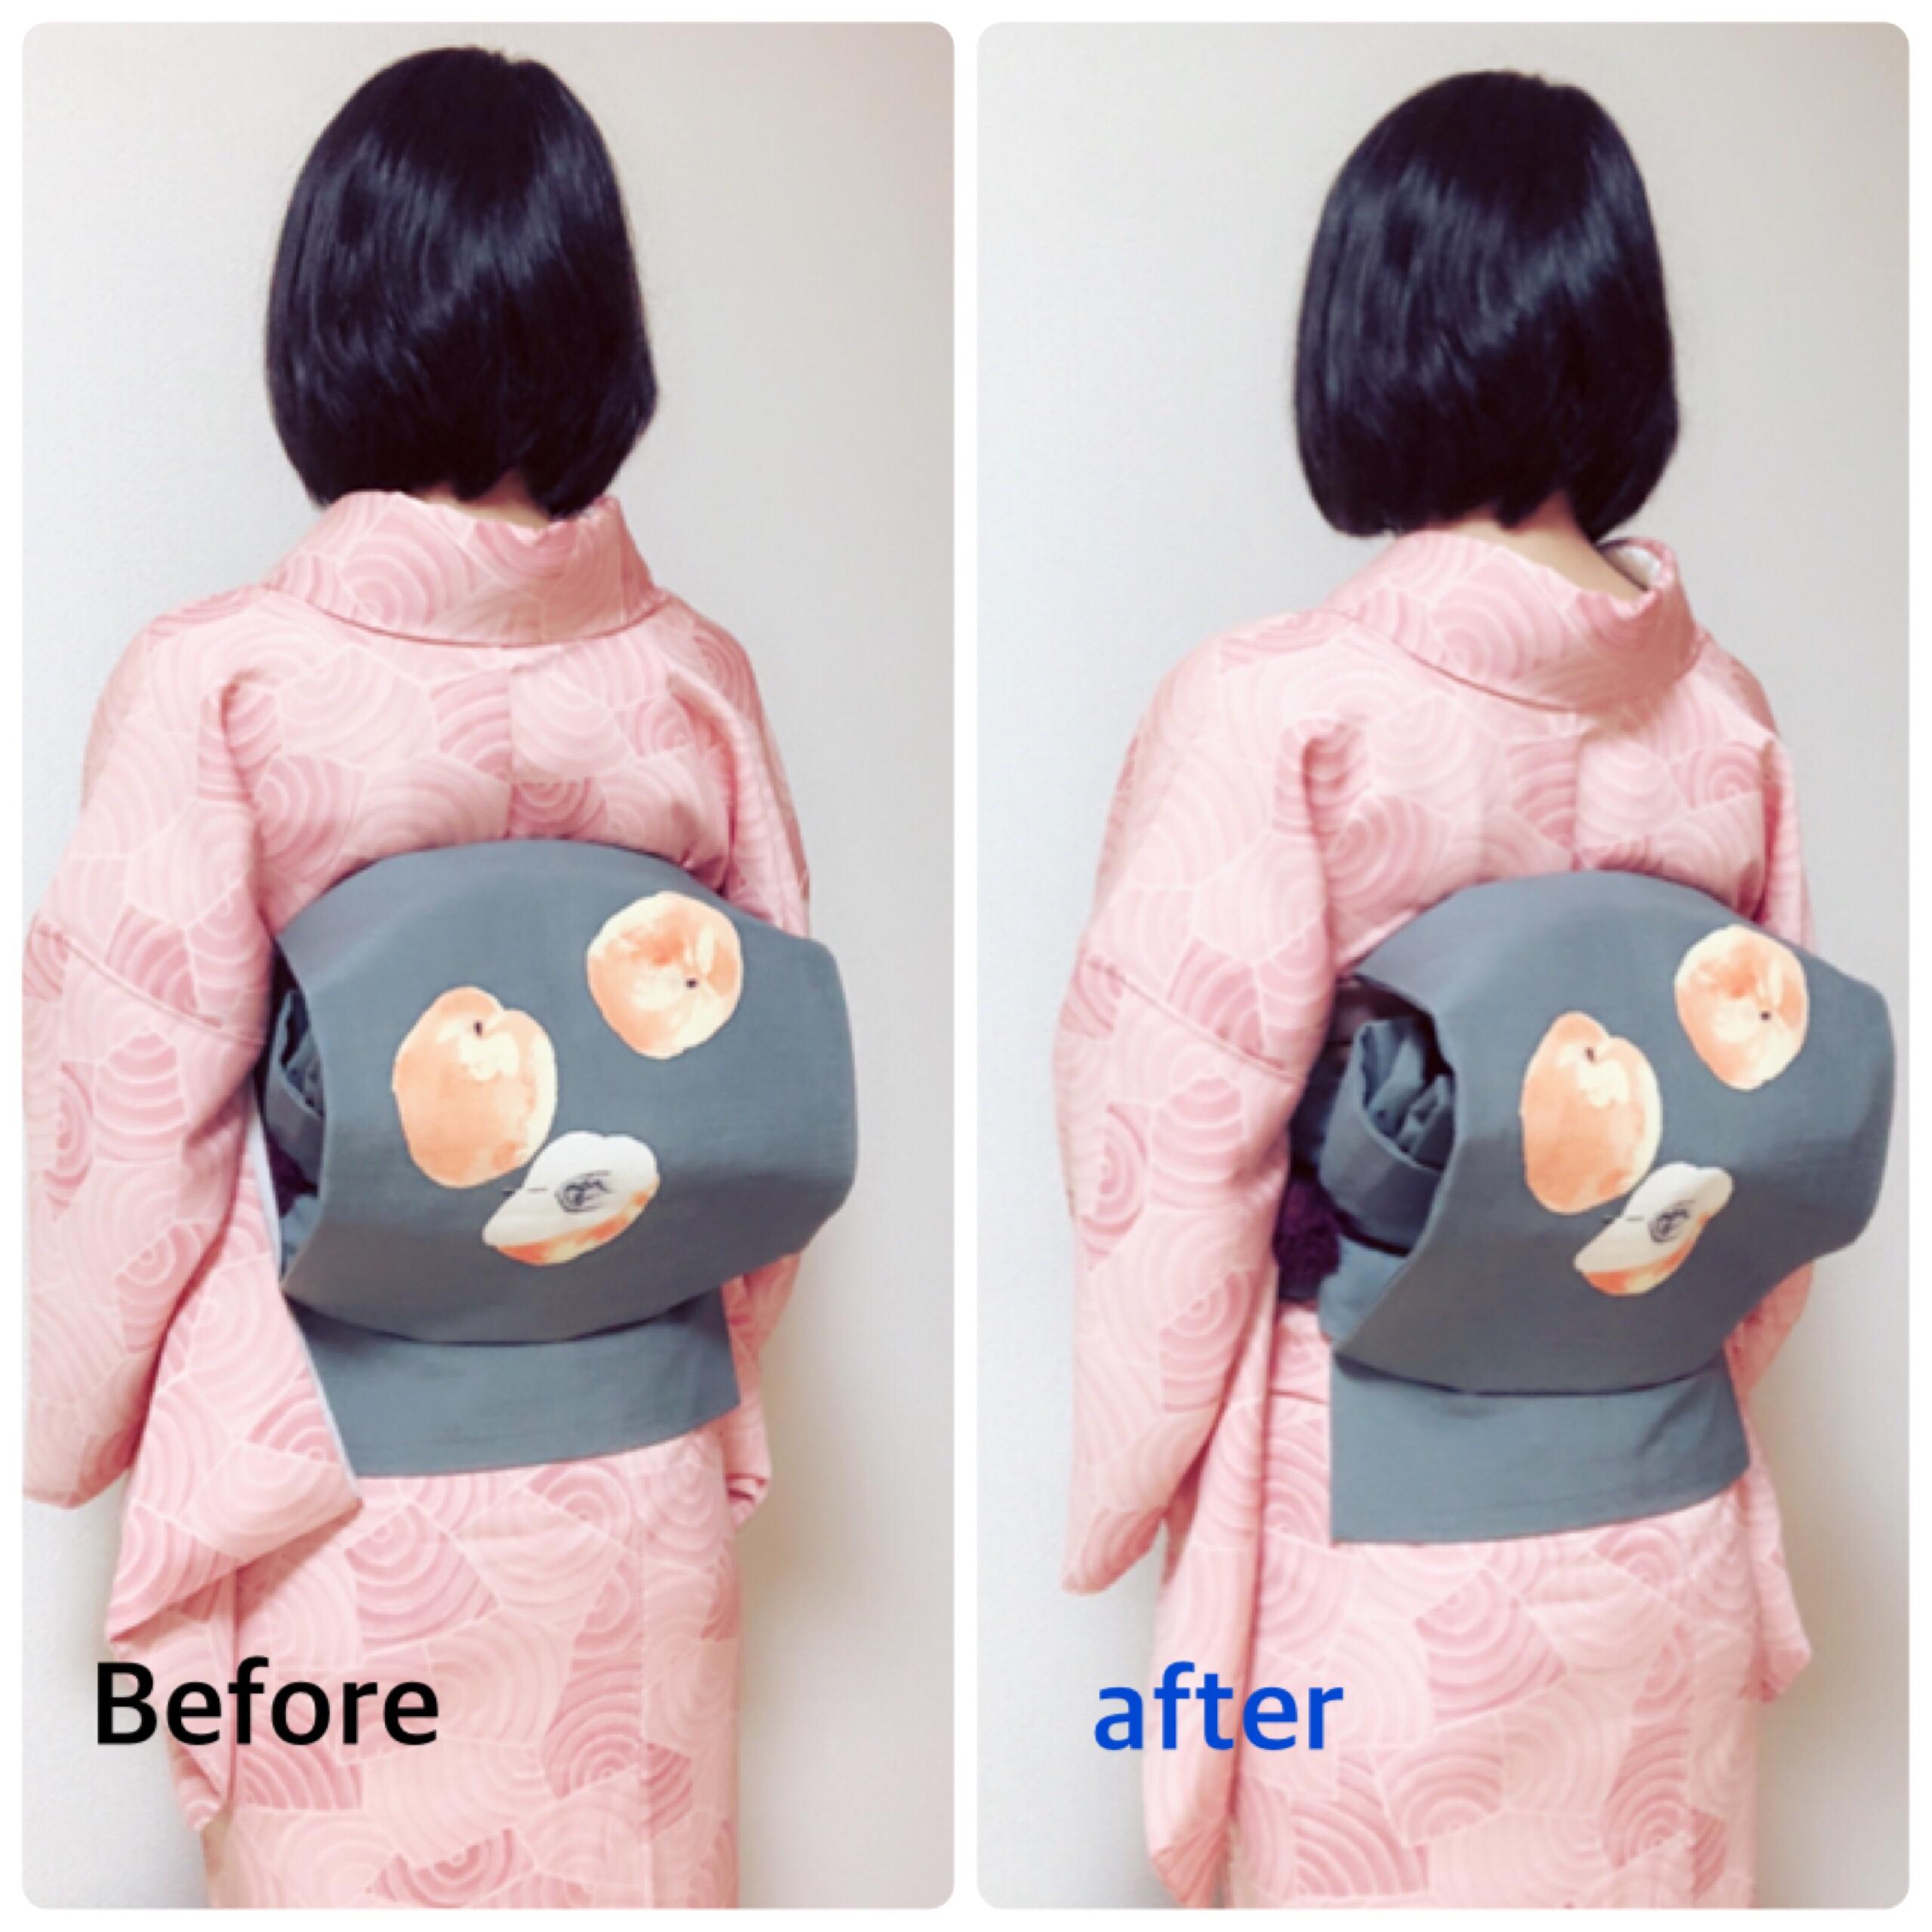 着付け中に詰まってしまった衣紋を復活させる方法【大阪京橋の着付け教室きものたまより】